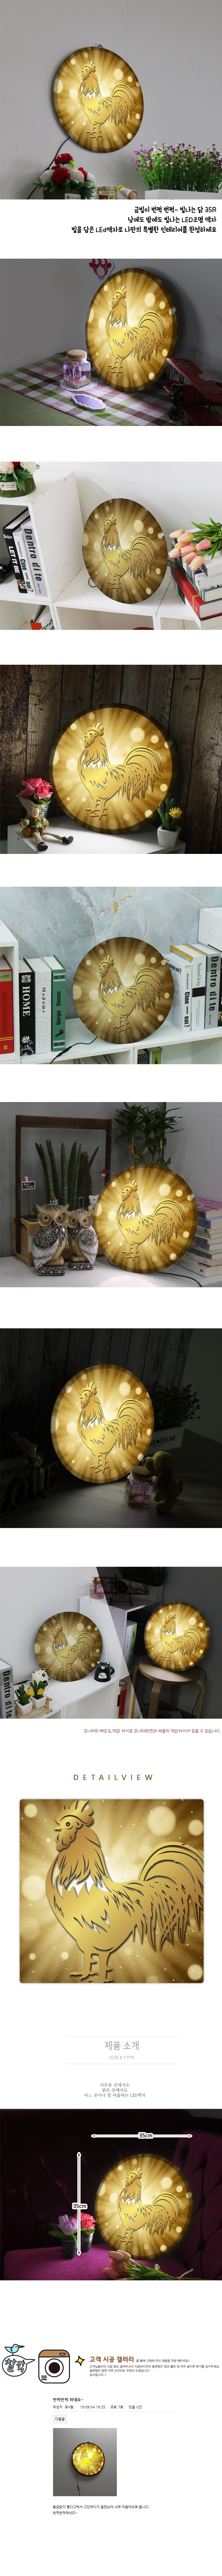 LED액자35R_빛나는닭 - 꾸밈, 59,000원, 포인트조명, 터치조명